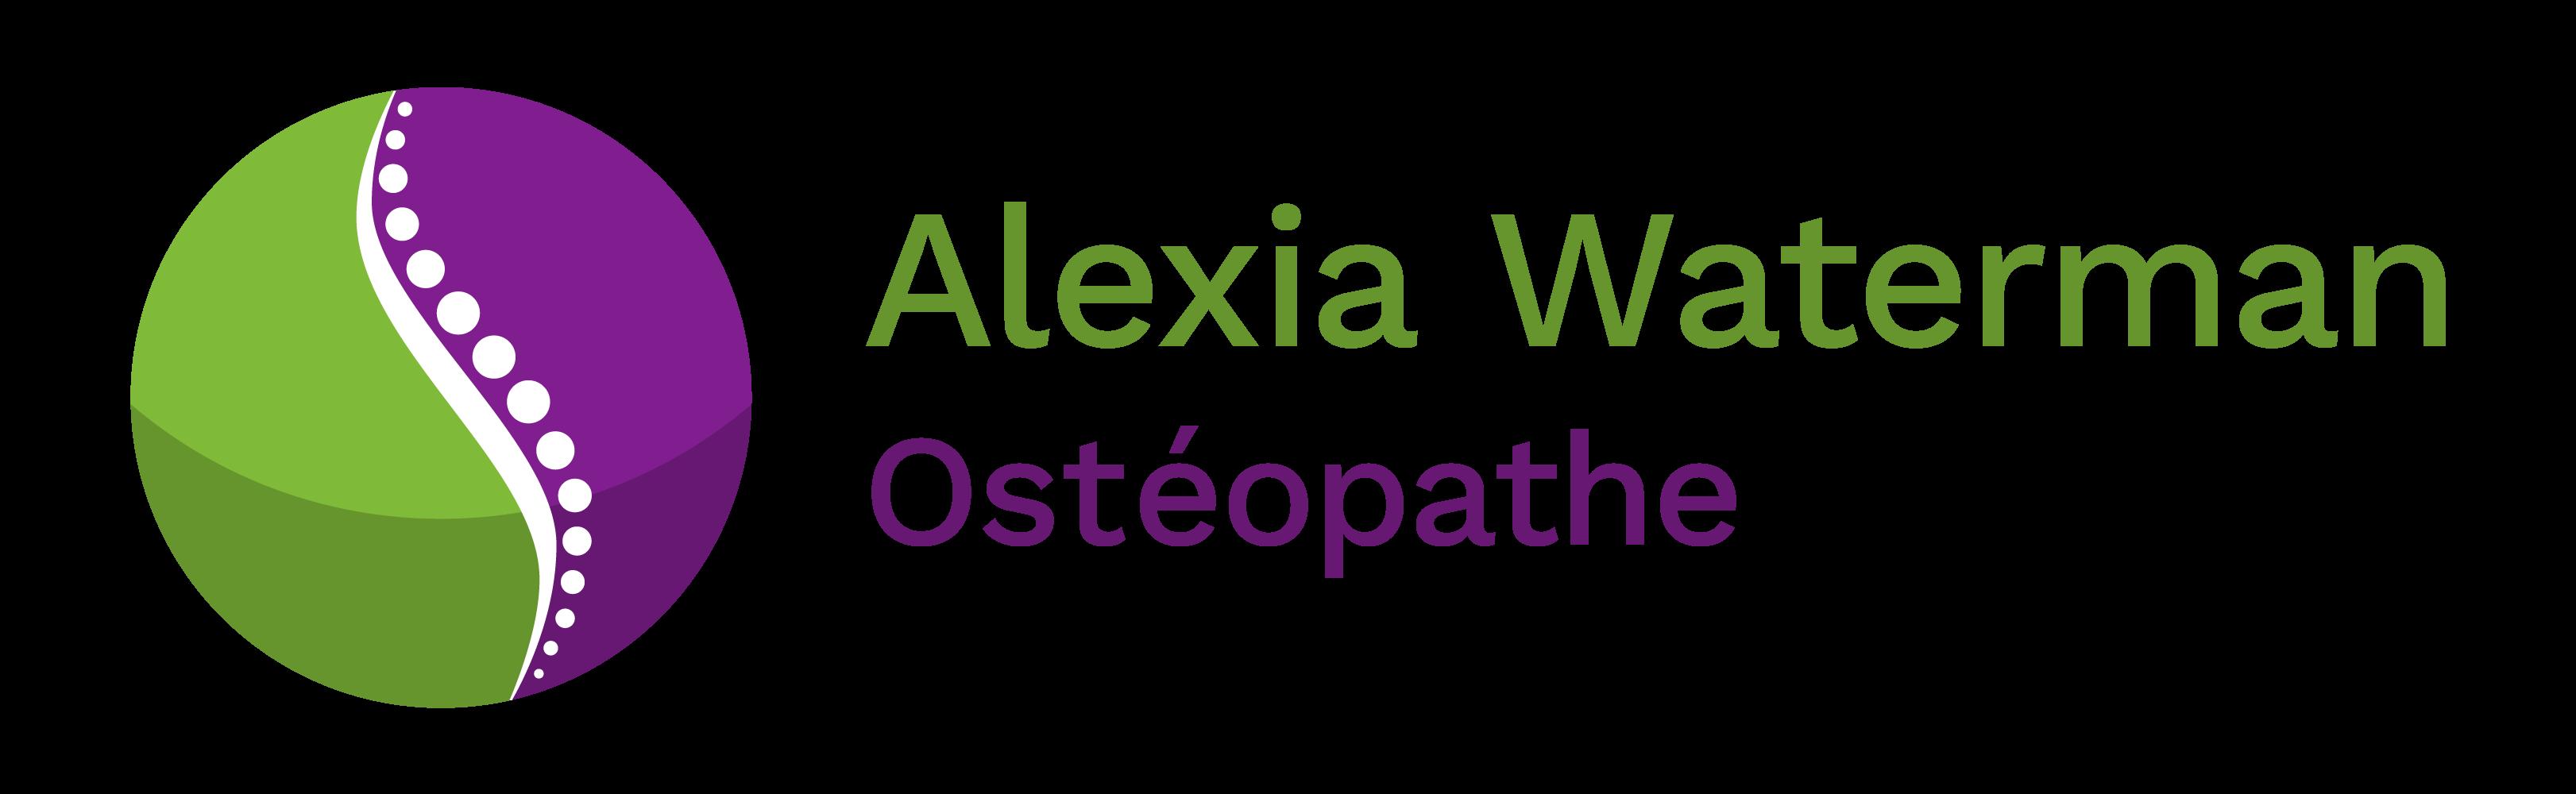 Alexia Waterman Ostéopathe